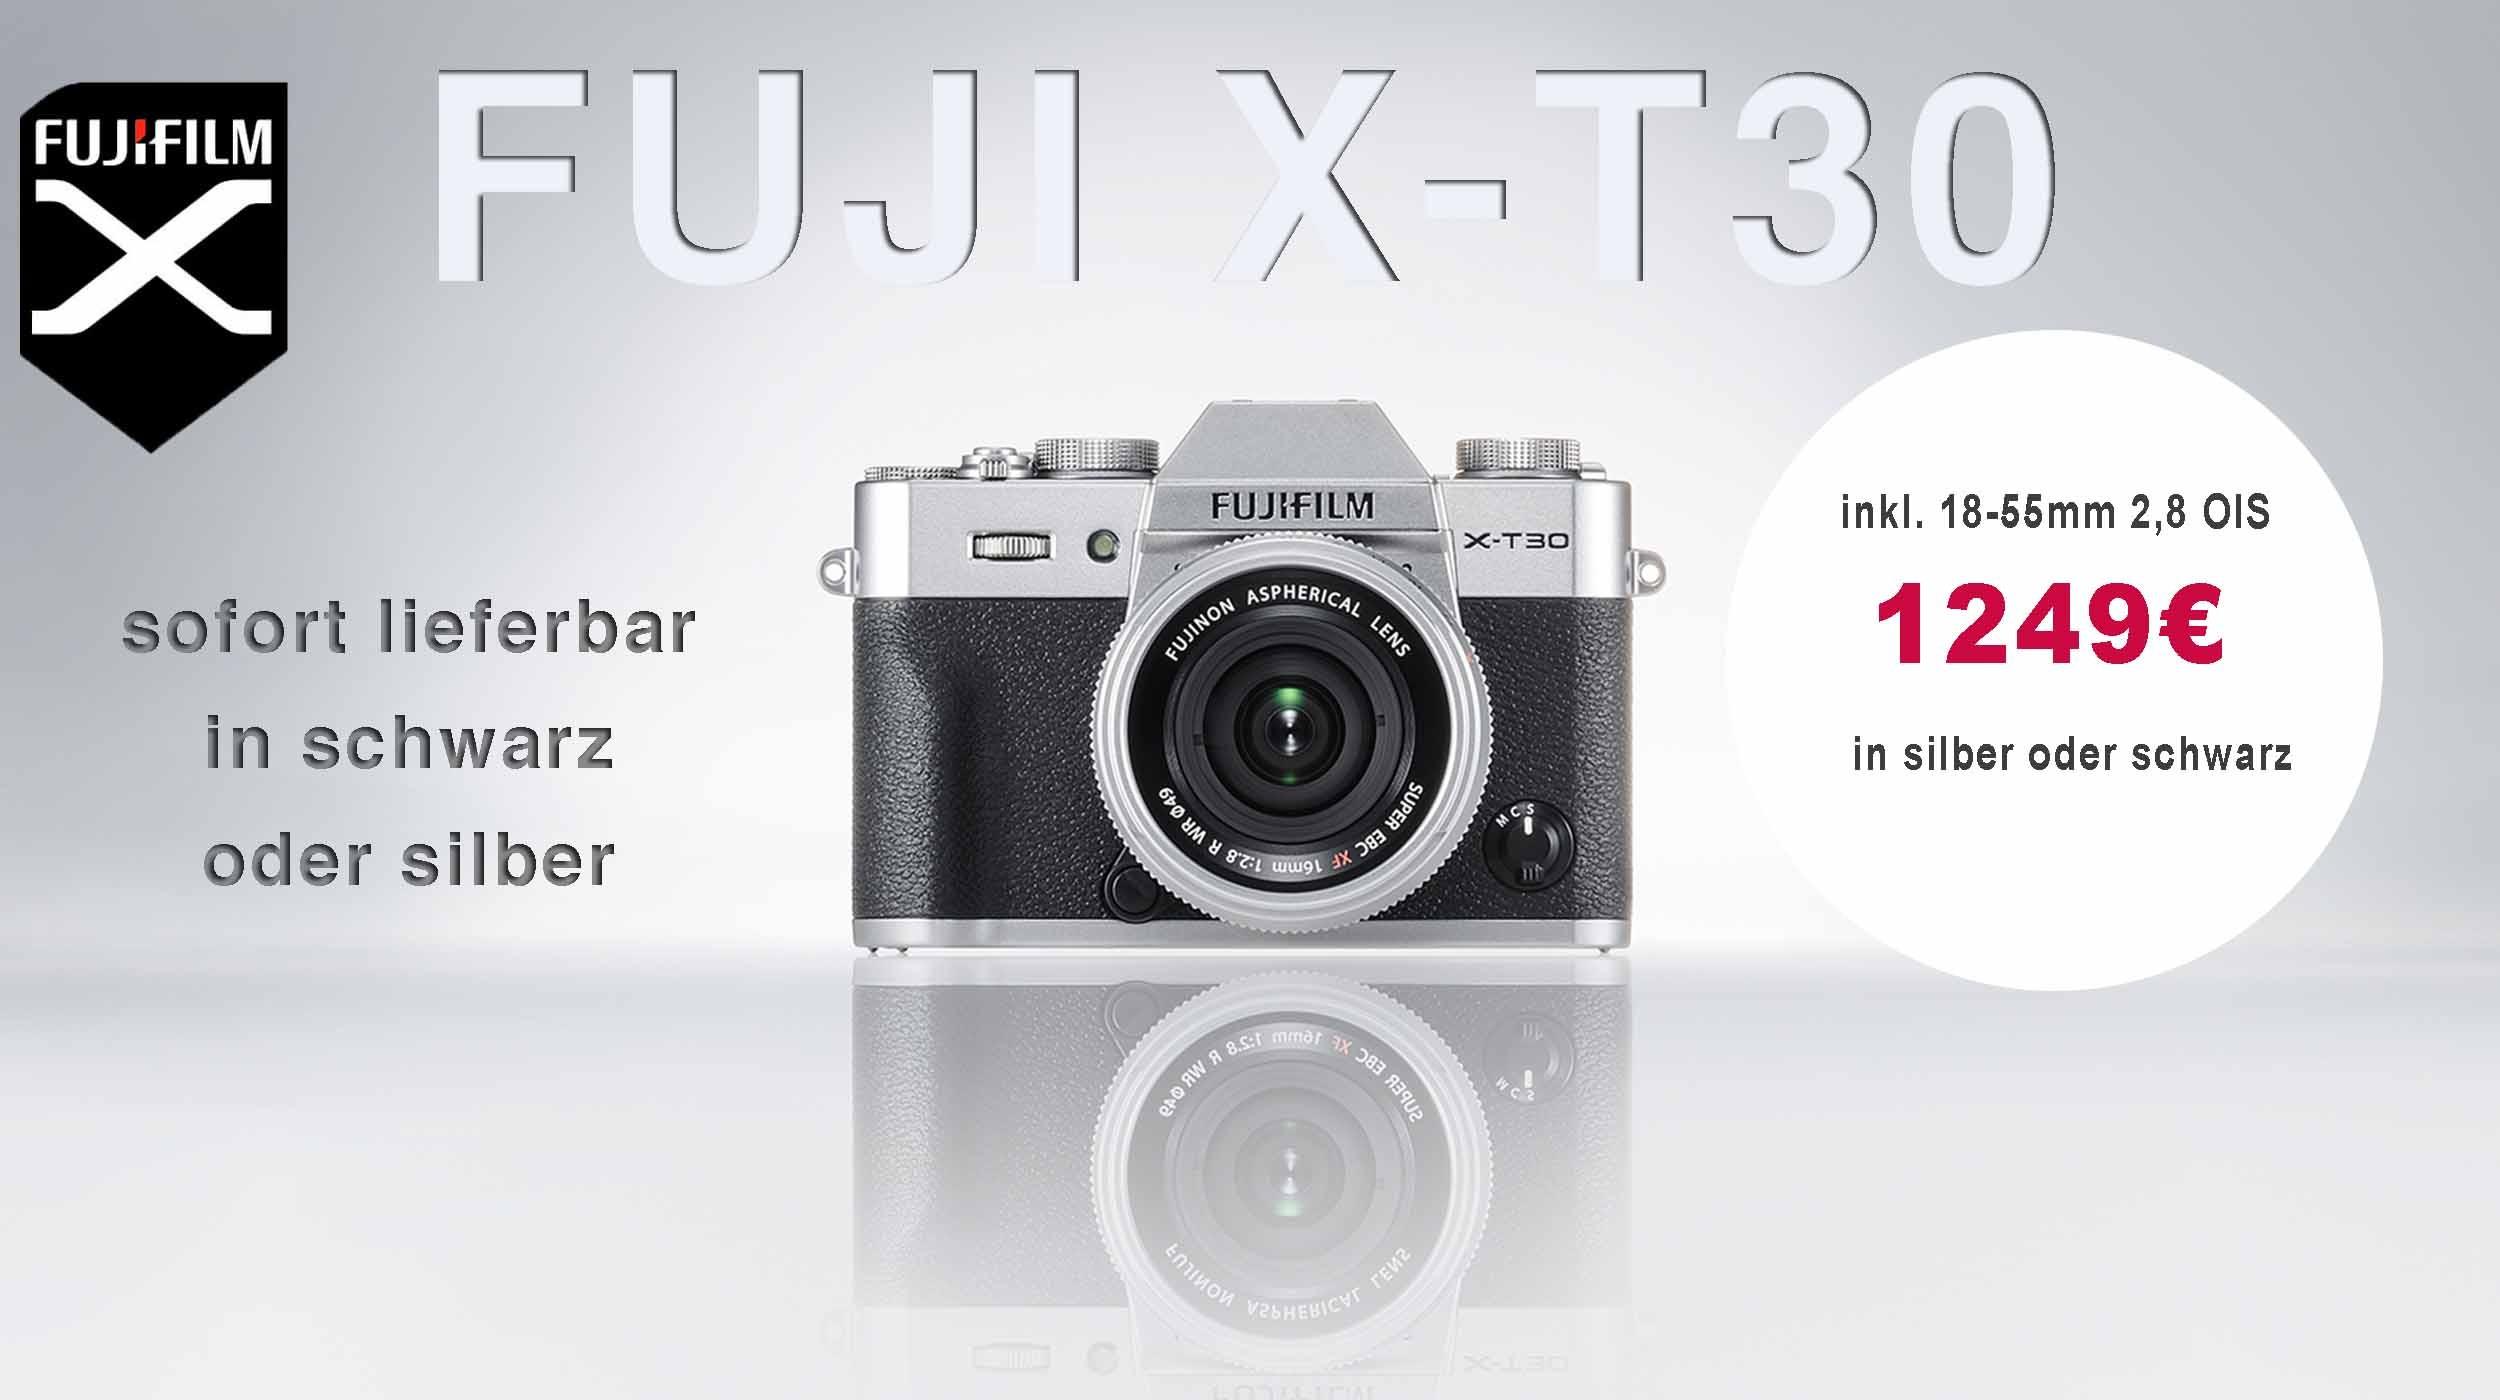 Fuji X-T 30 jetzt vorbestellen versandkostenfrei geliefert